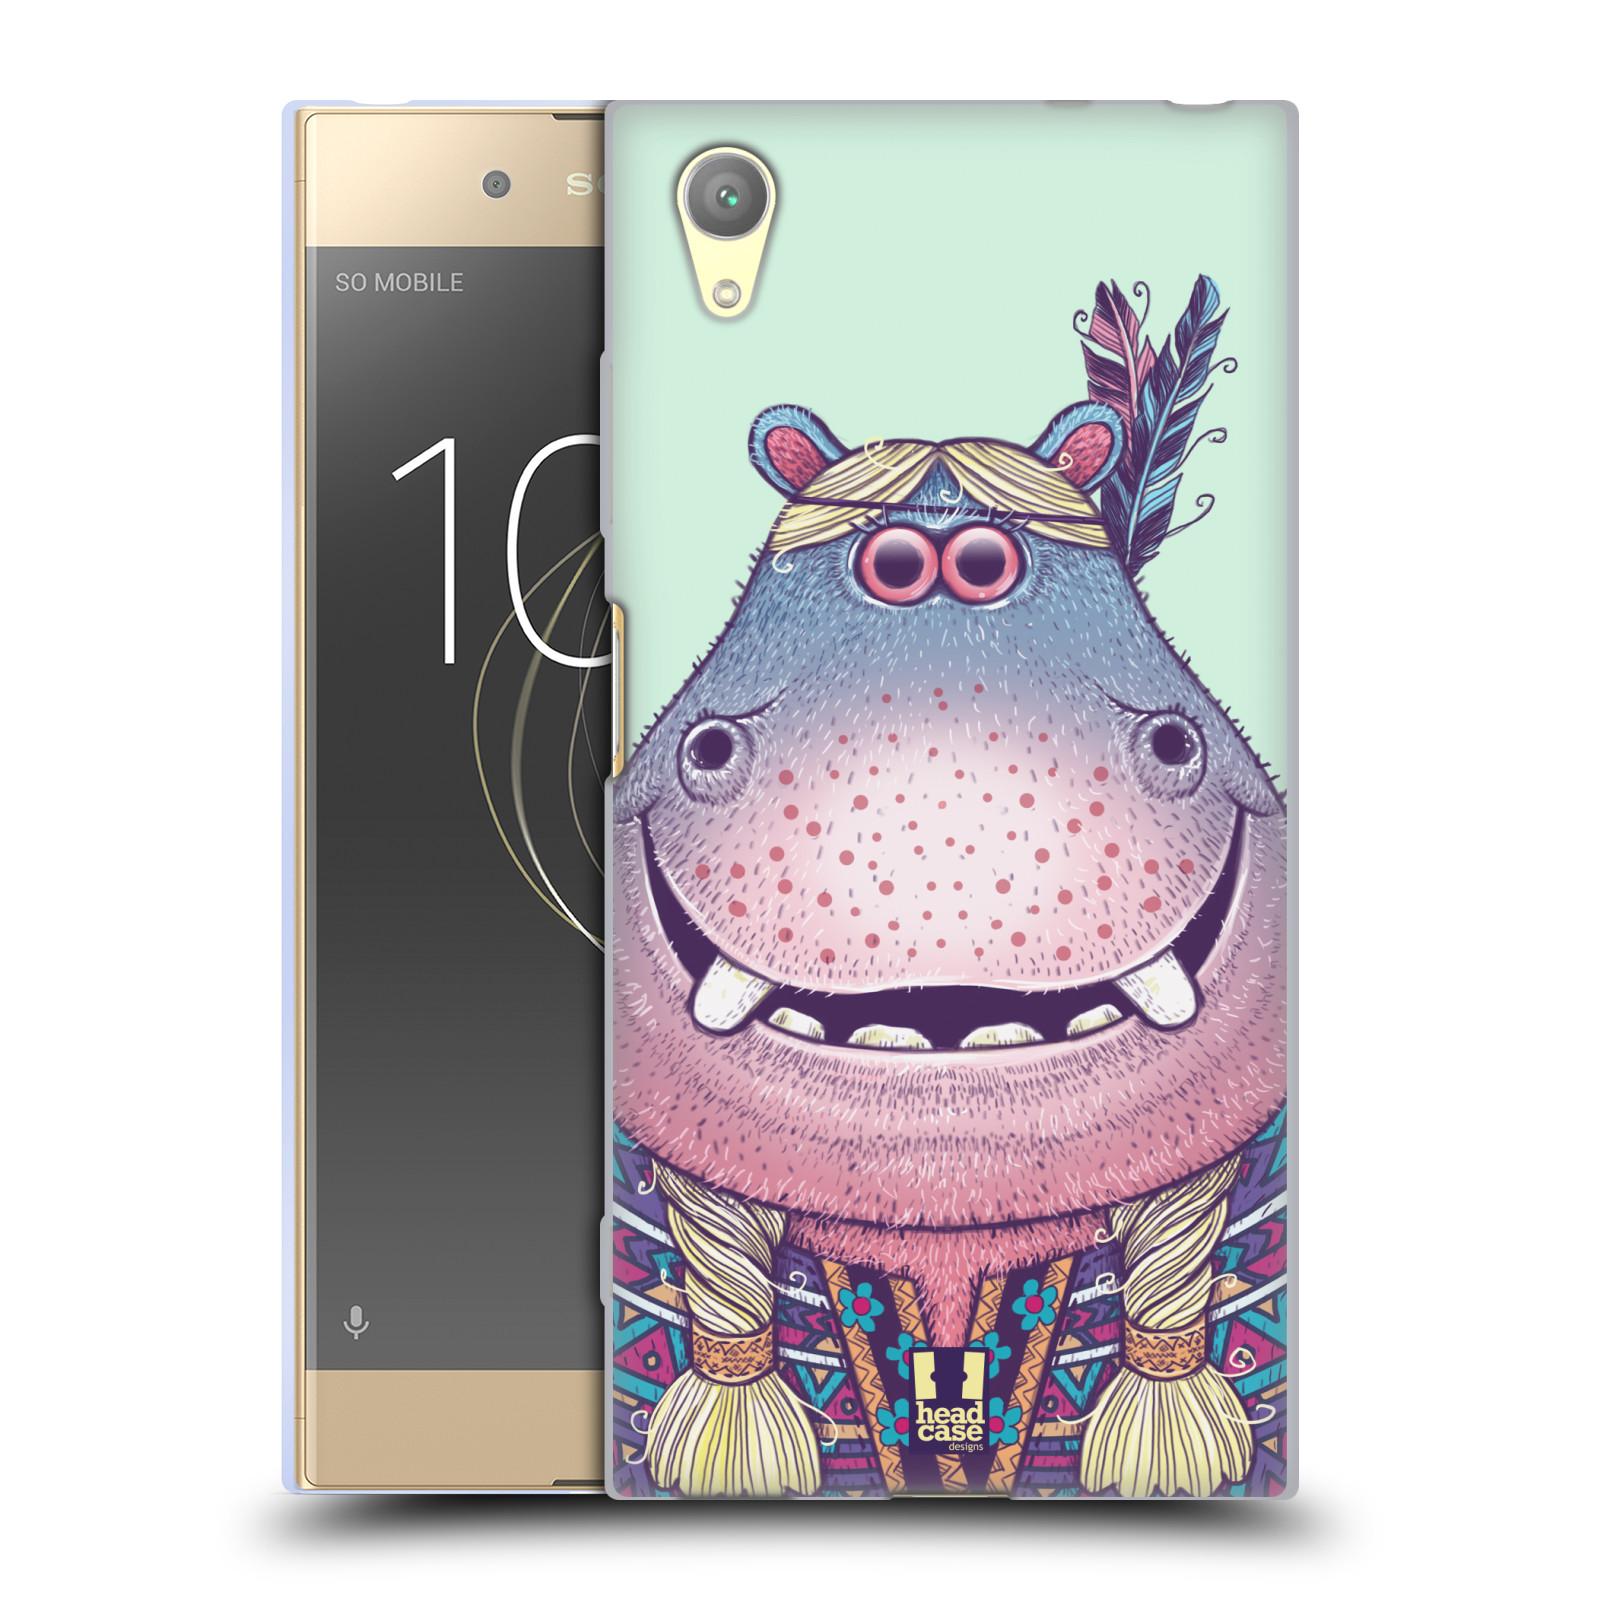 HEAD CASE silikonový obal na mobil Sony Xperia XA1 PLUS vzor Kreslená zvířátka hroch